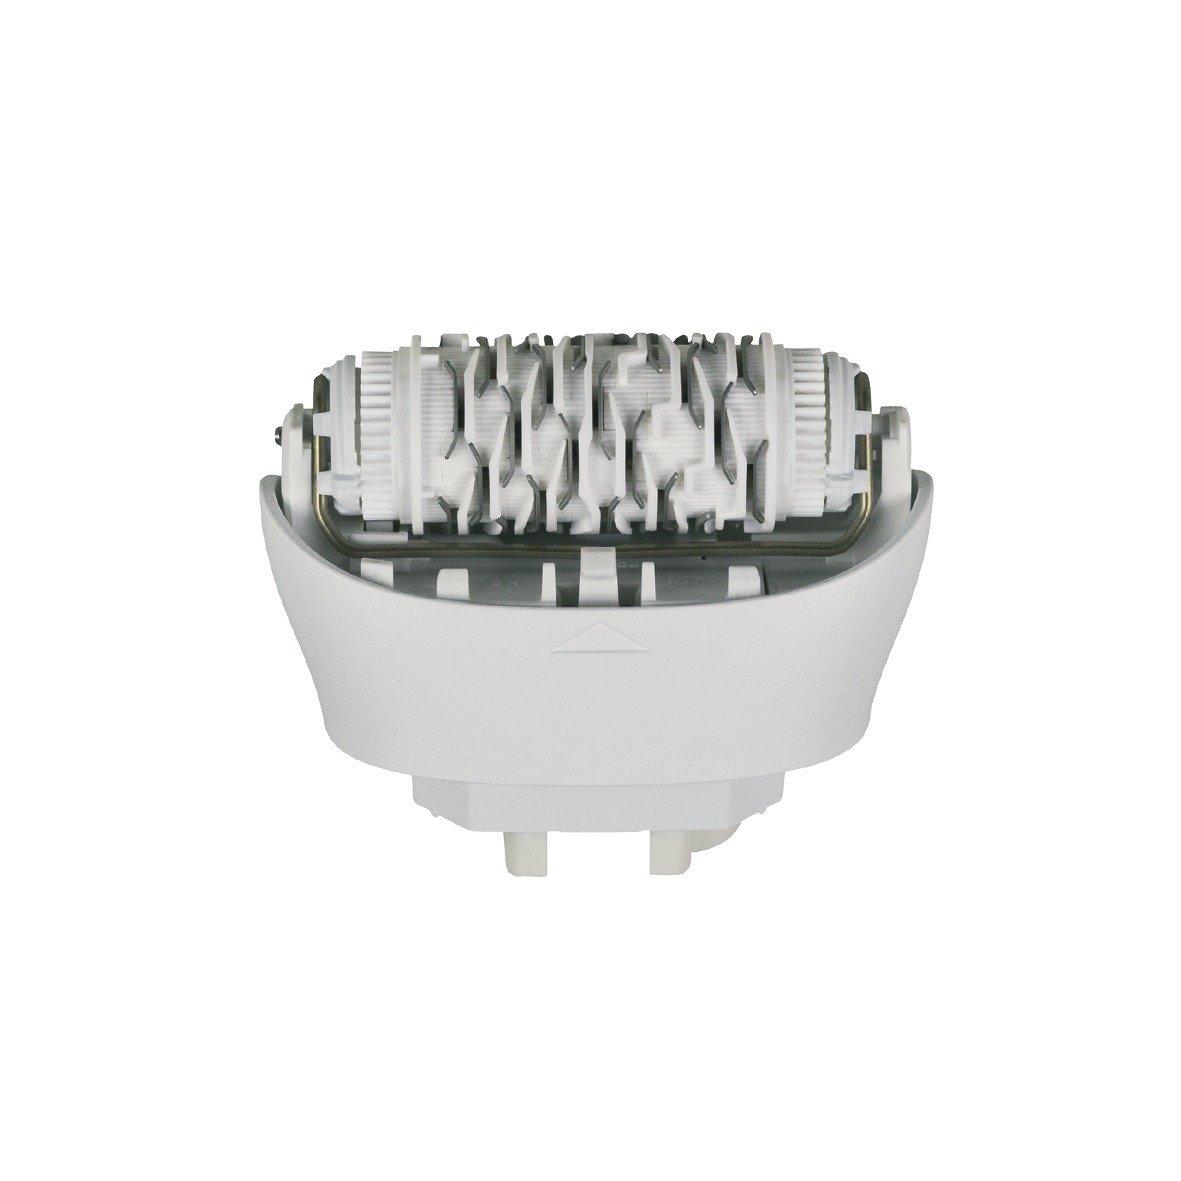 Testina Epilatrice Larga Silk-è pil Braun 81533164